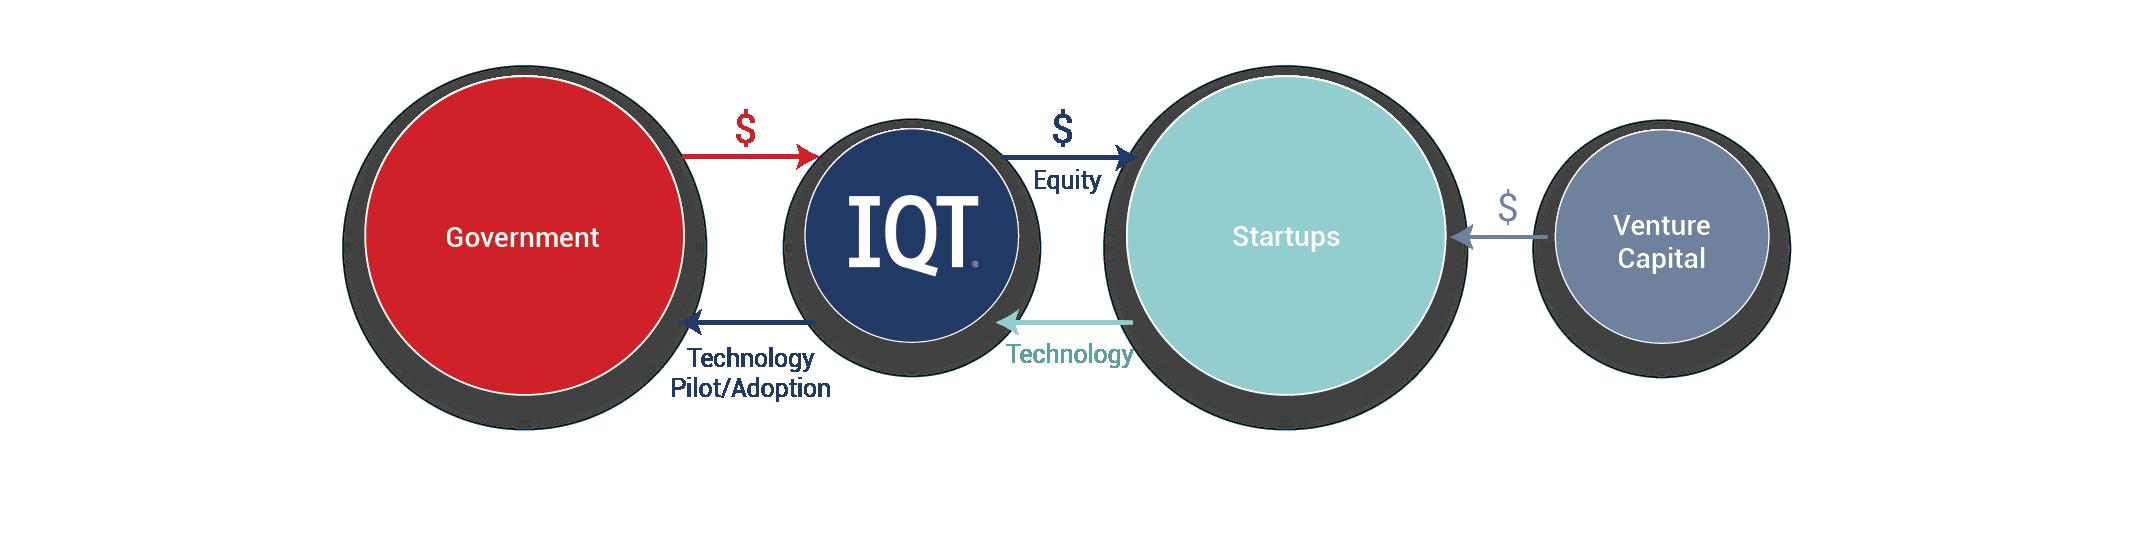 IQT model